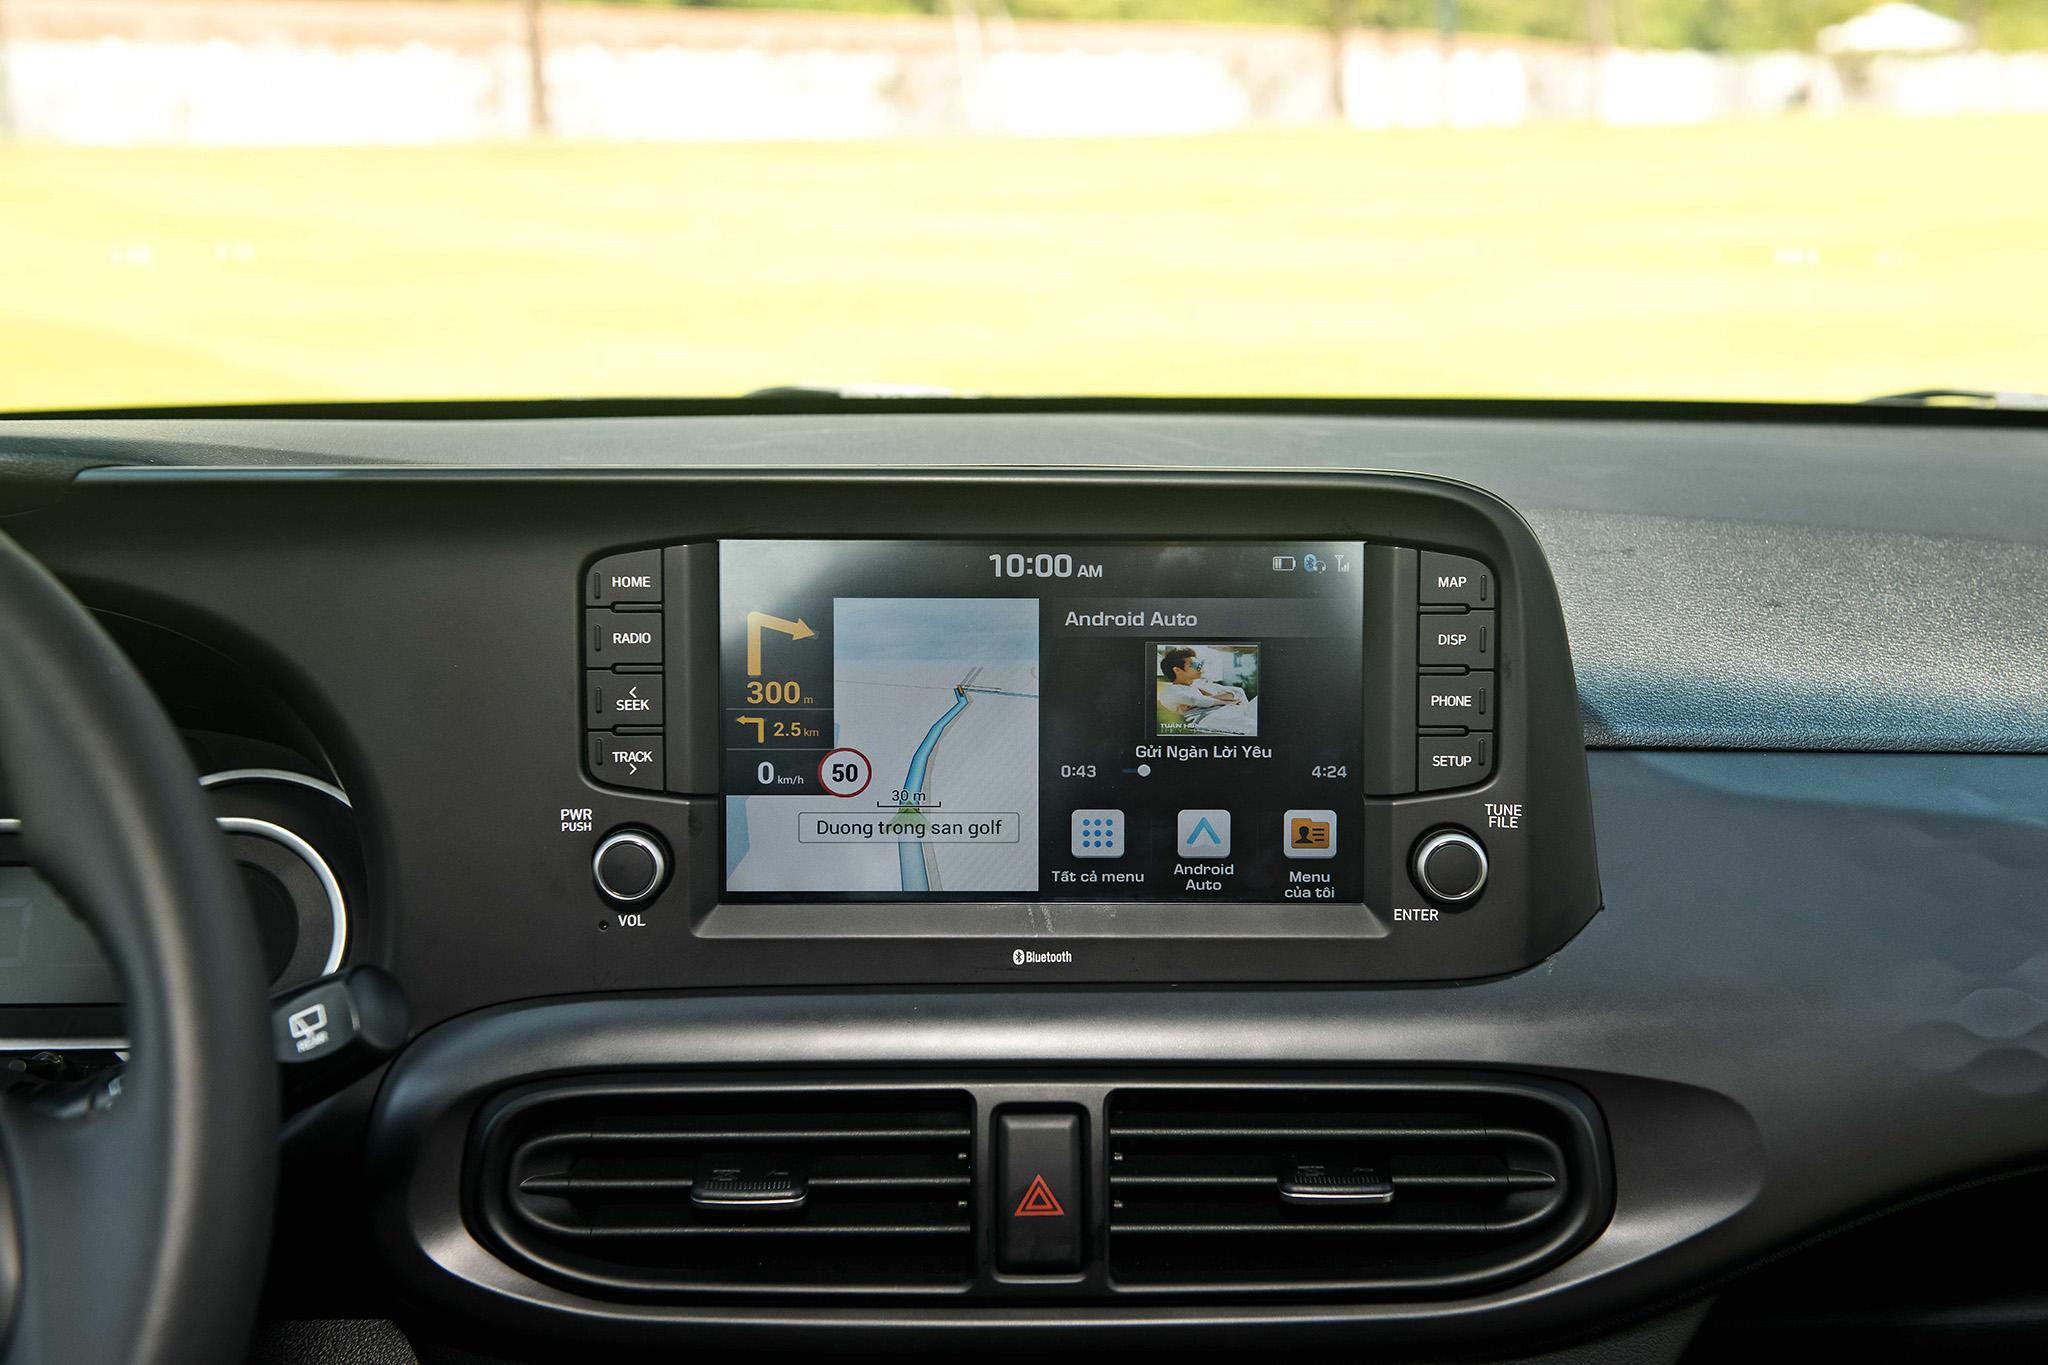 Chiếc xe nổi bật với màn hình cảm ứng trung tâm kích cỡ 8 inch đa chức năng